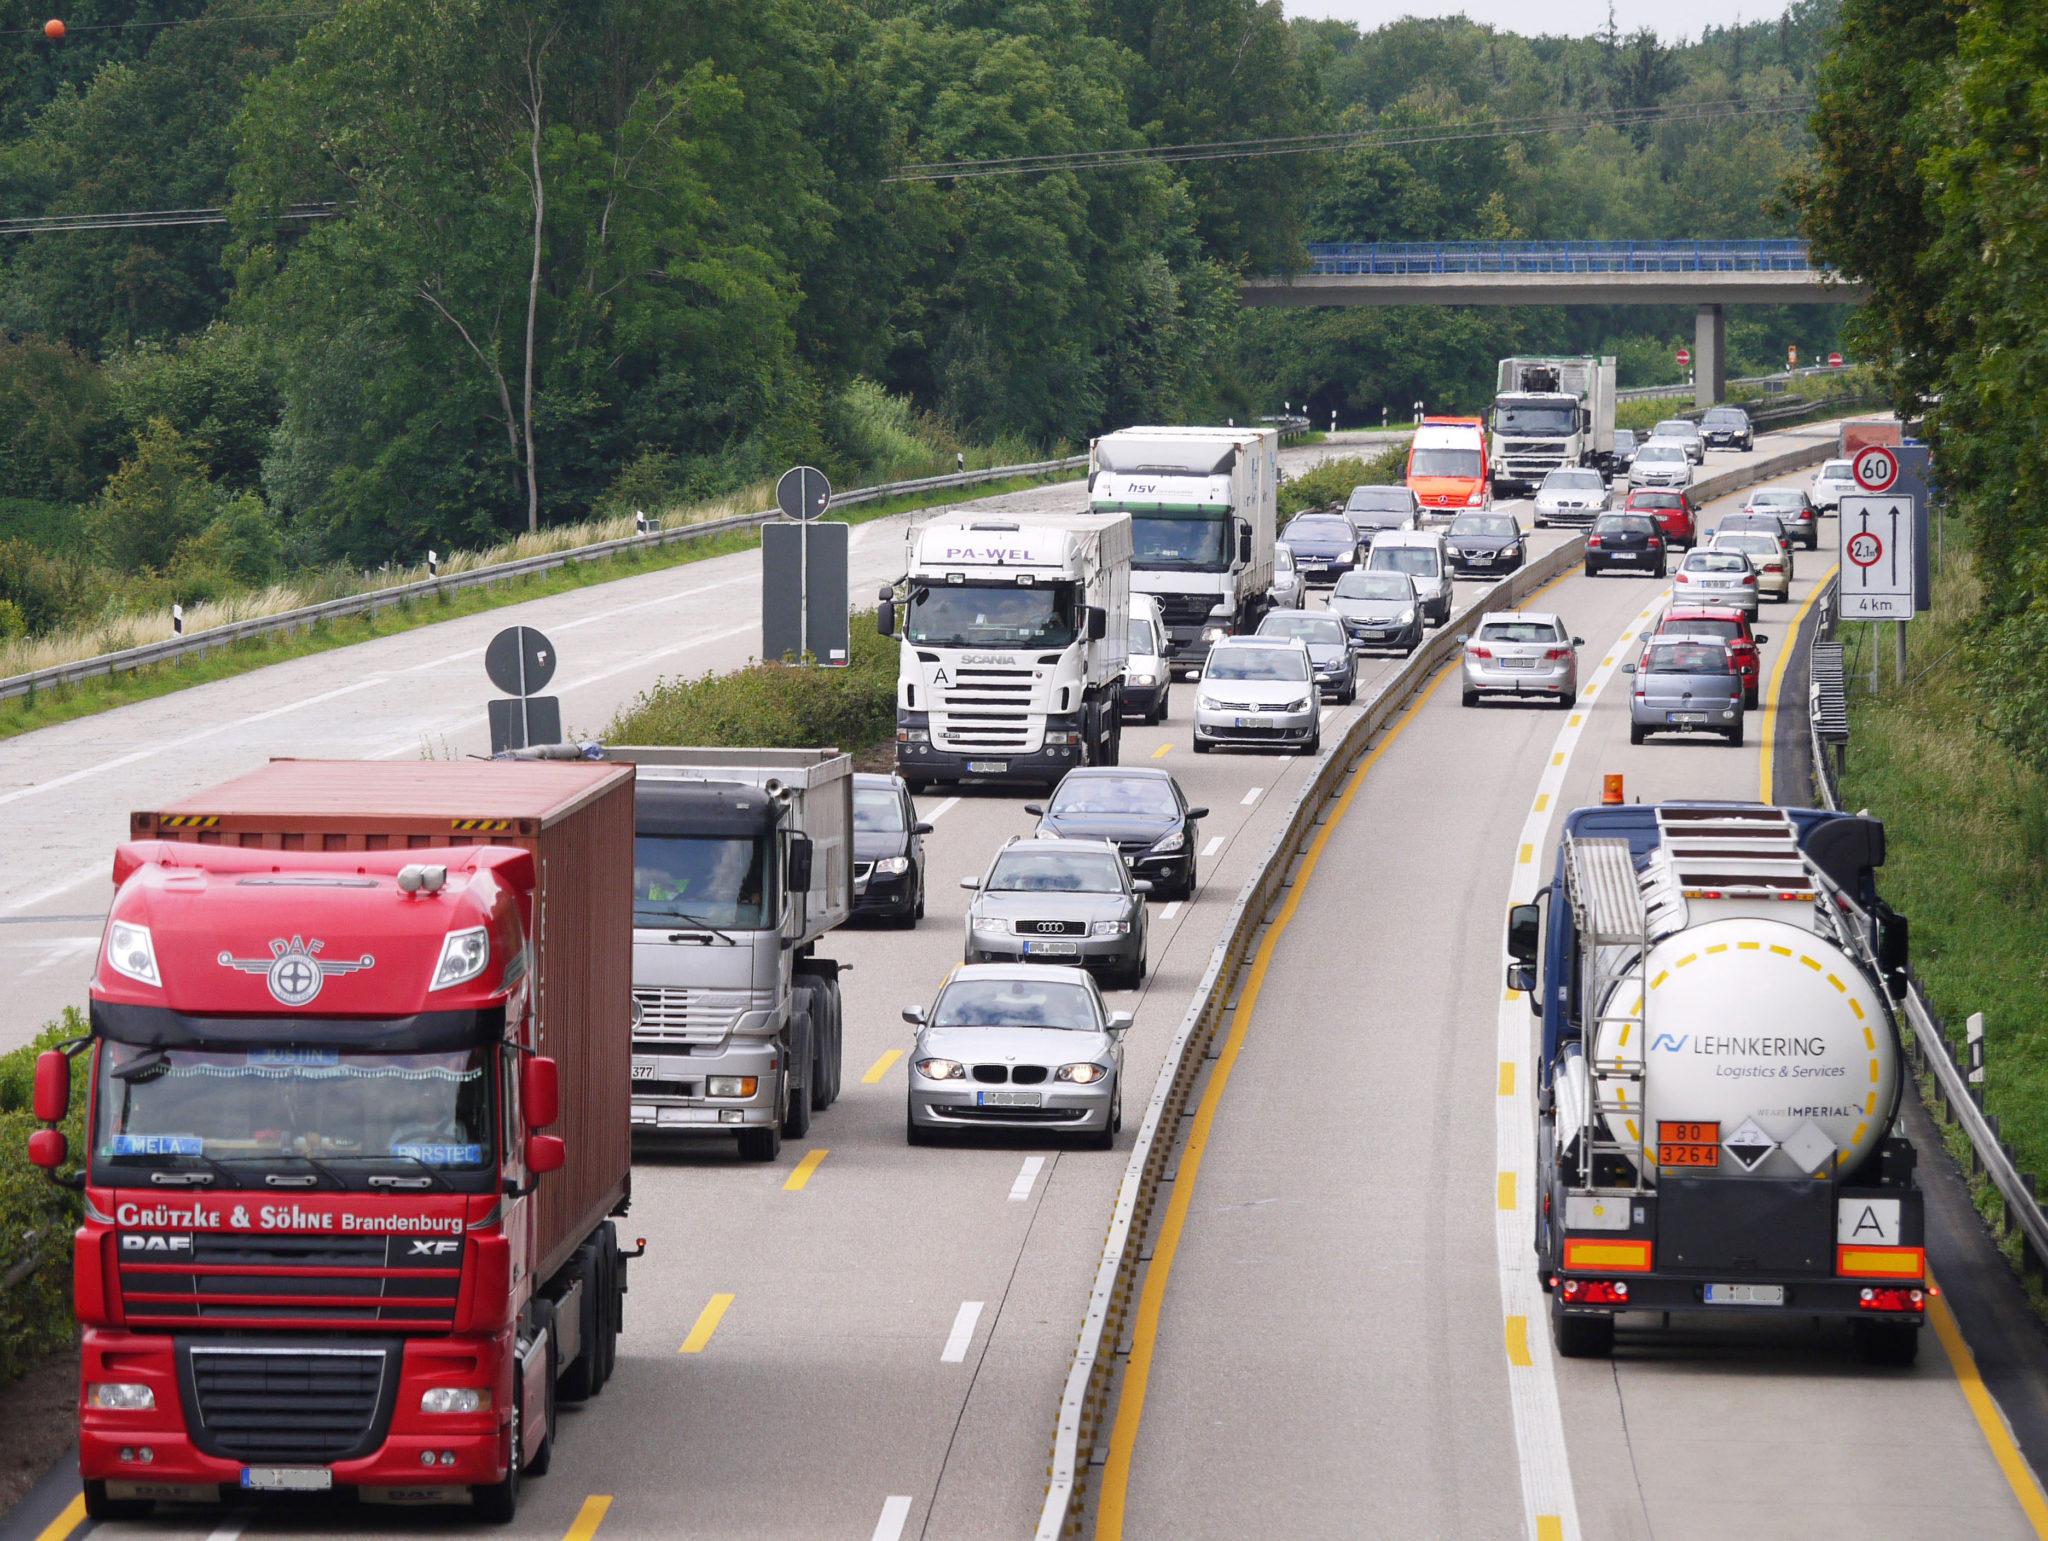 Immigrazione clandestina, autotrasportatori richiedono più sicurezza